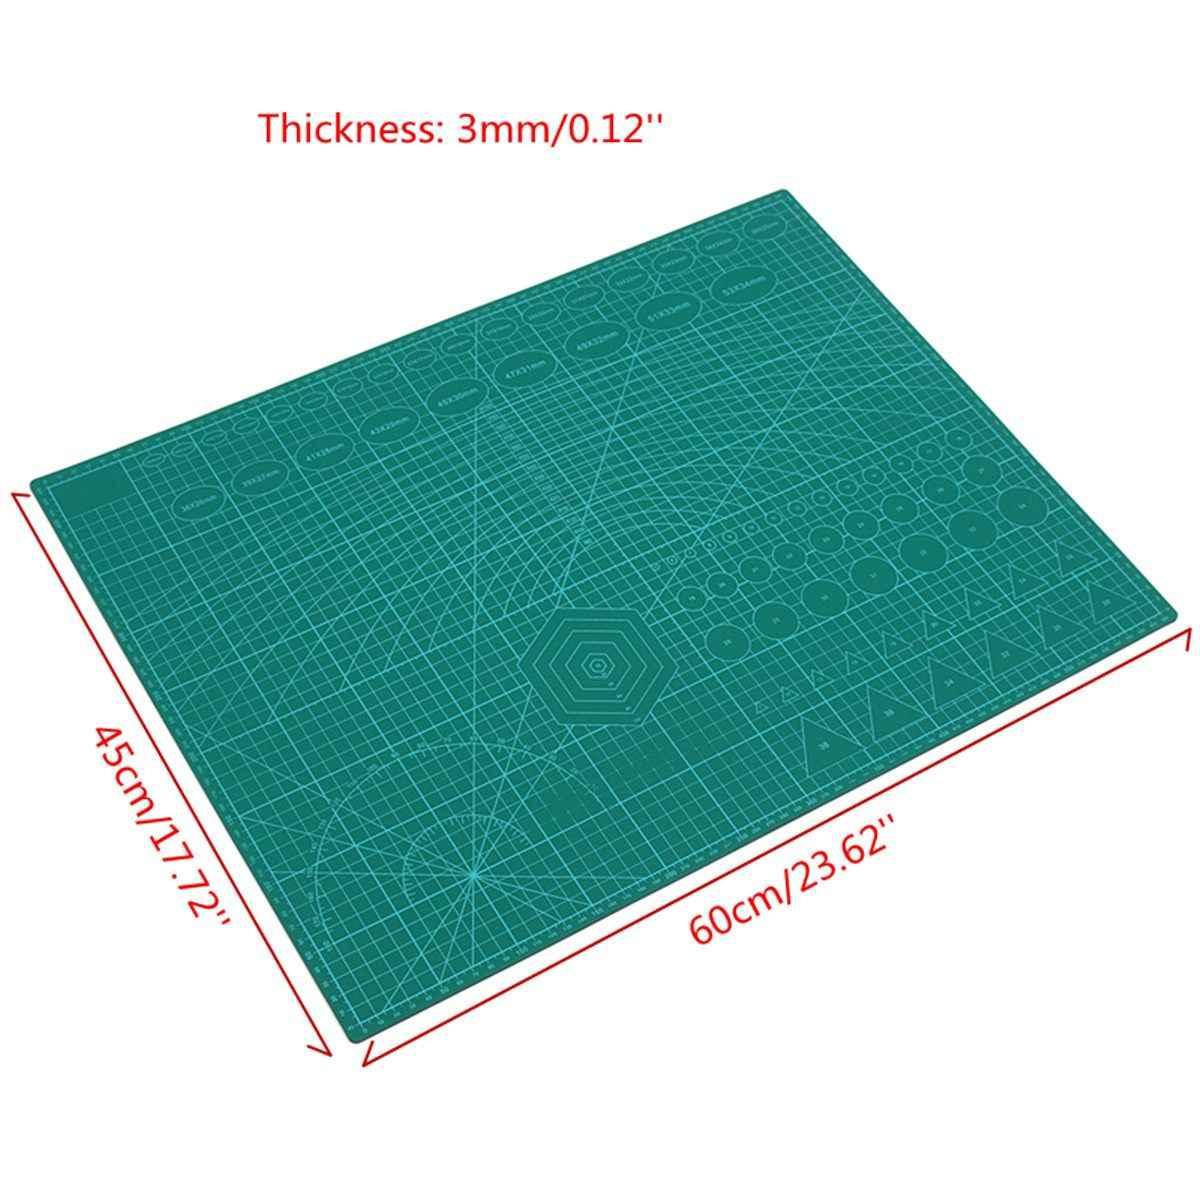 3 Mm A2 PVC Cutting Mat Cutting Pad Patchwork Double Dicetak Self Healing Cutting Mat Kerajinan Merajut Scrapbooking Papan 45X60 Cm